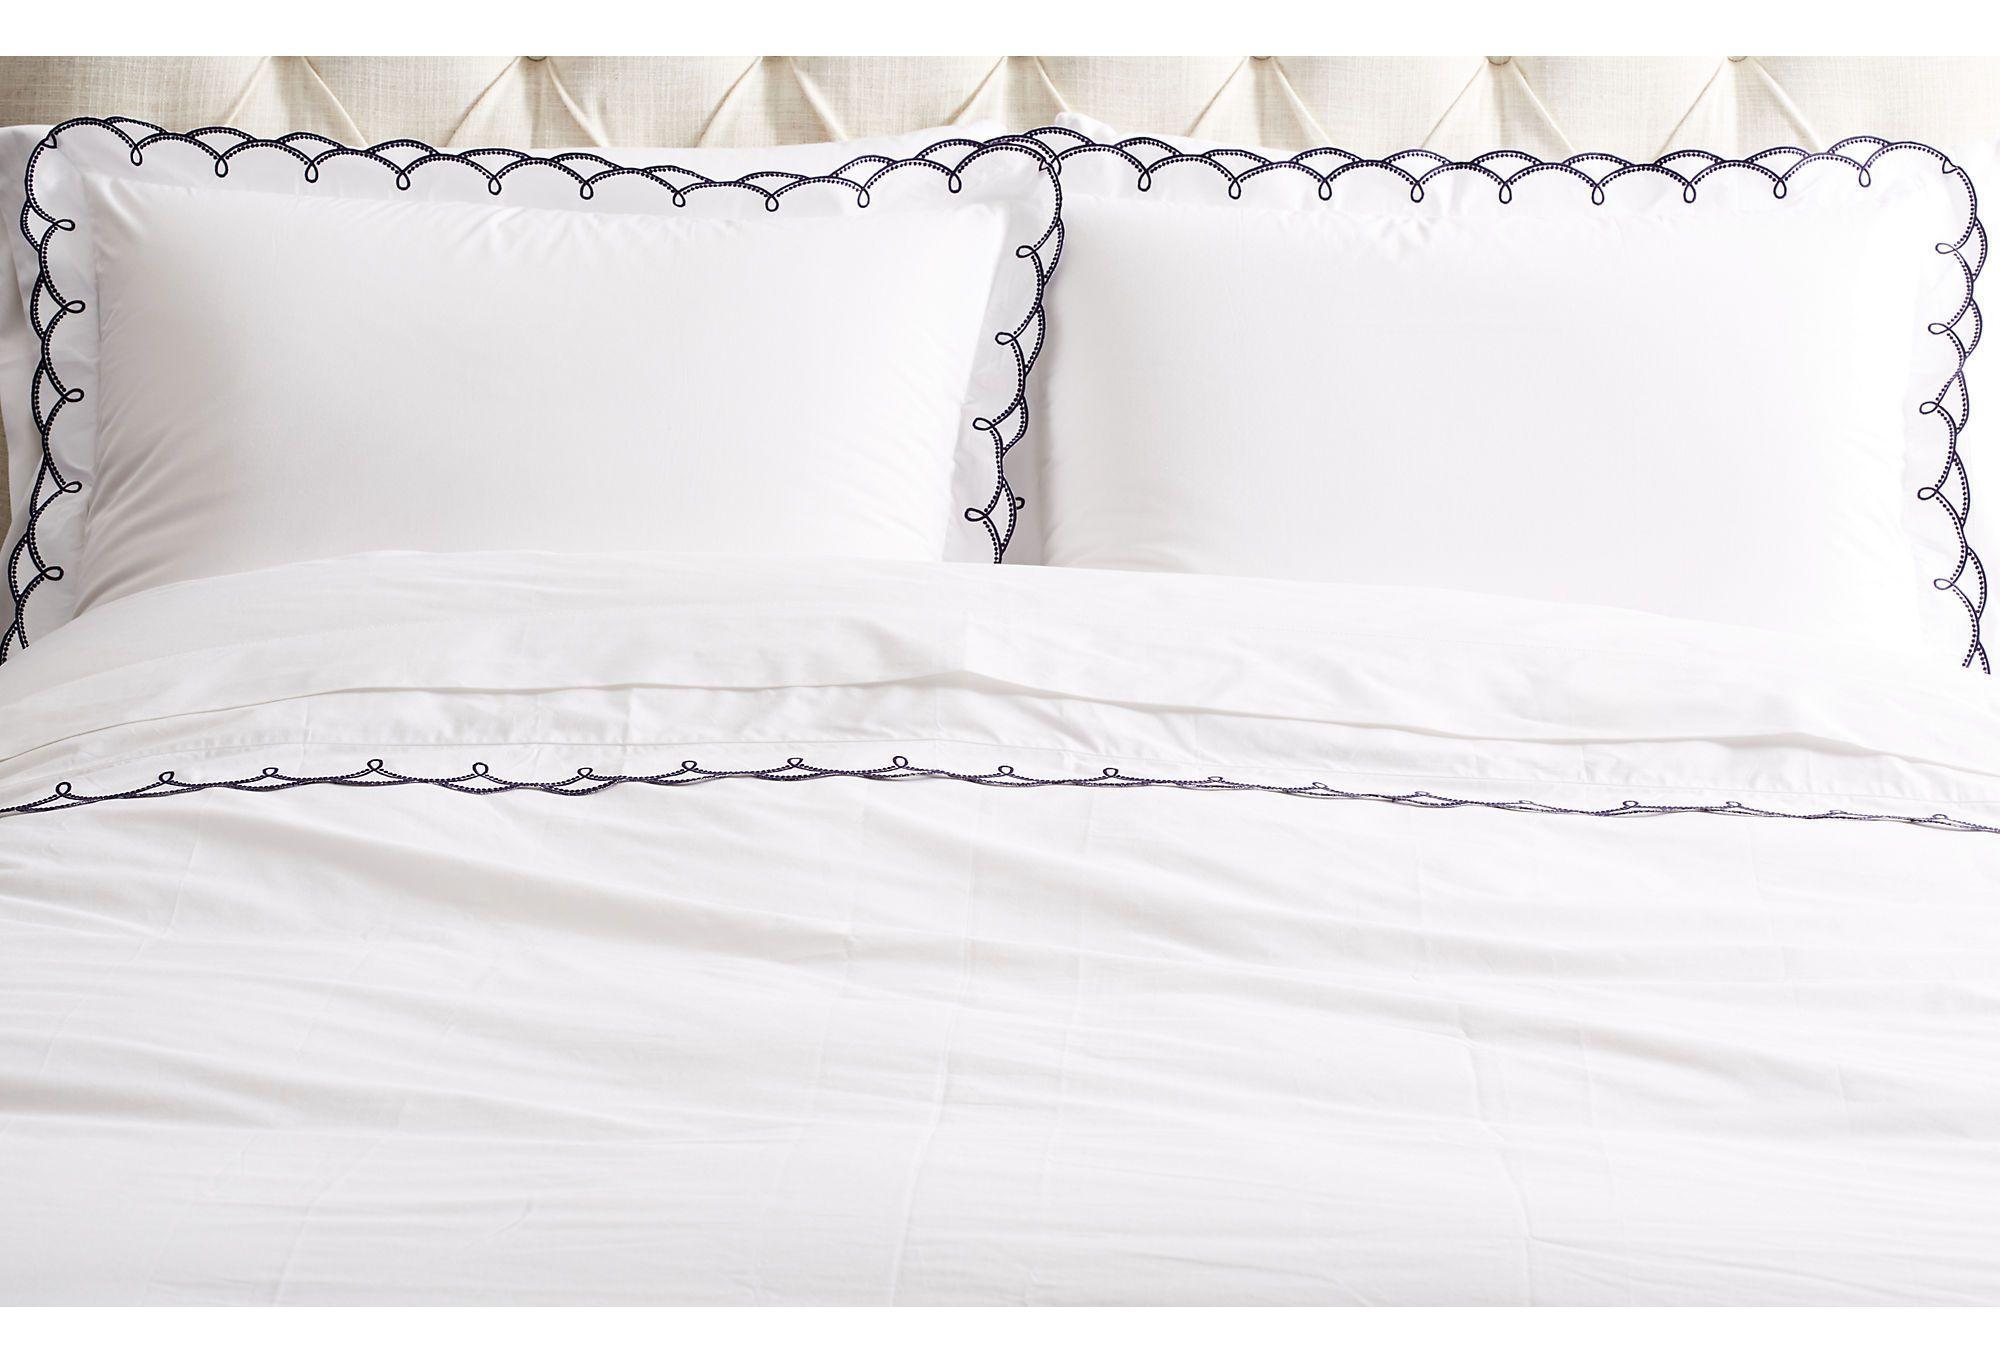 linens htm luxury cover matouk duvet p bed scallop lanai